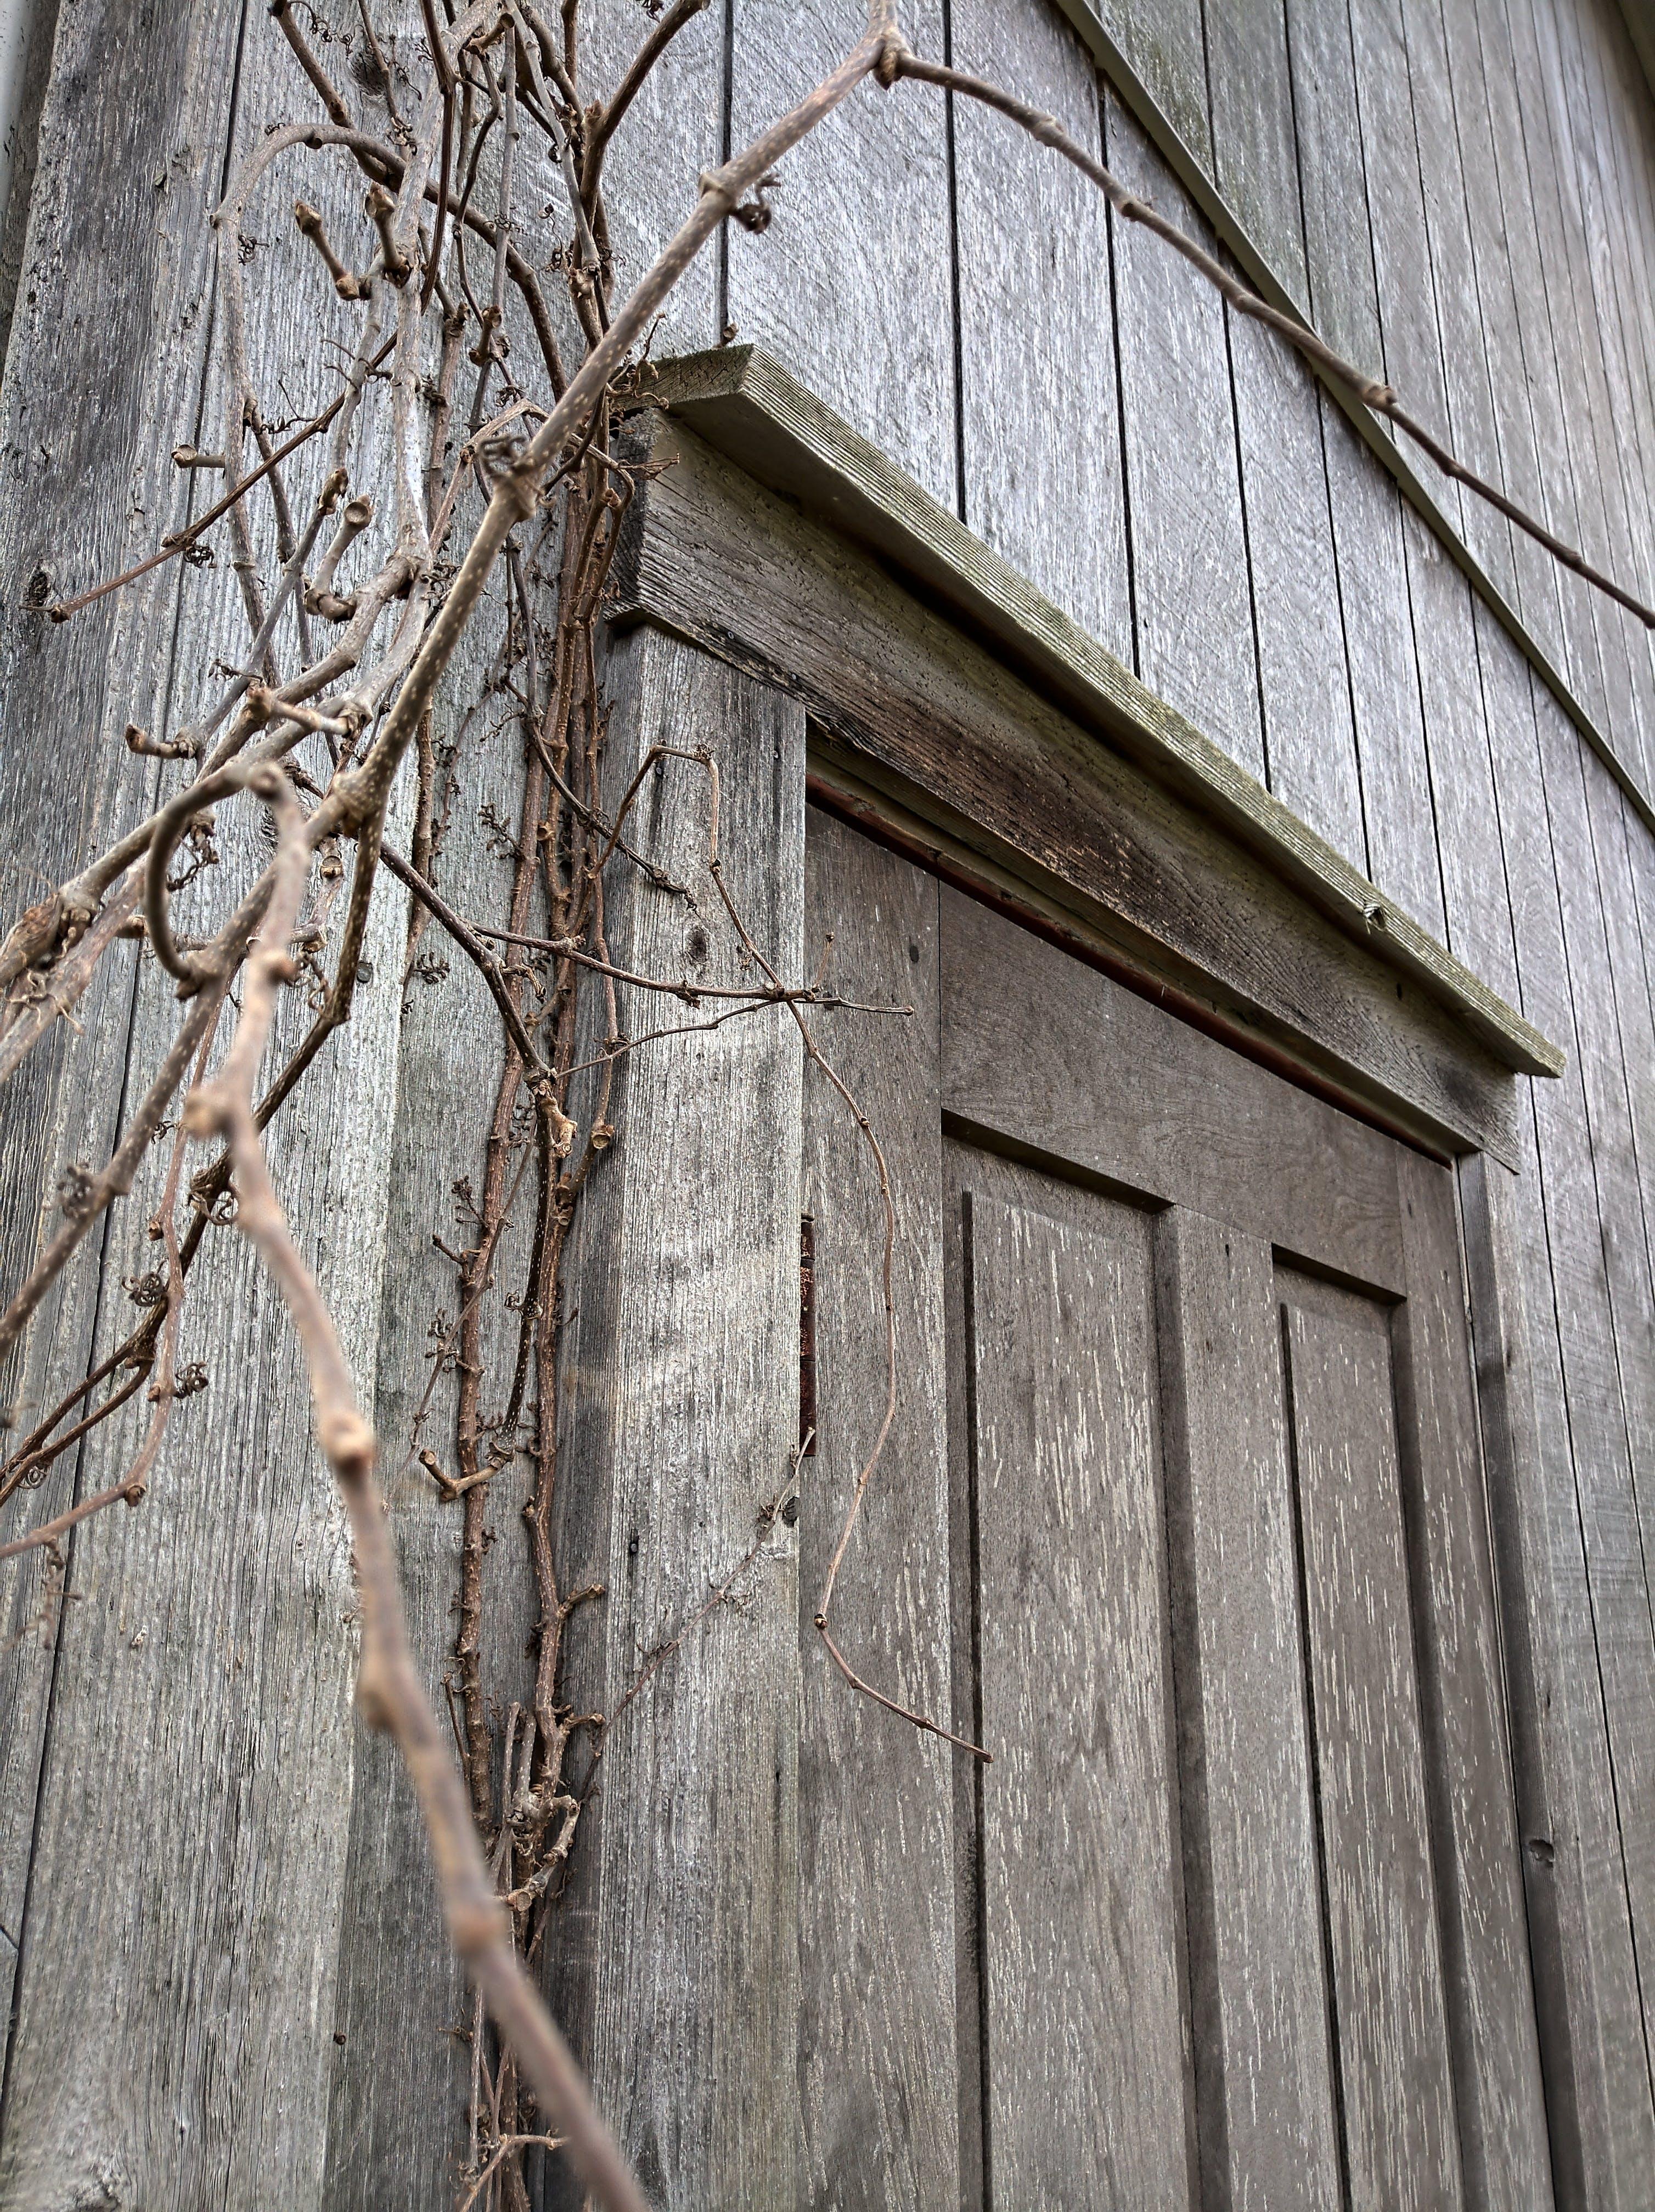 คลังภาพถ่ายฟรี ของ ประตู, ประตูเก่า, ประตูโรงนา, ไม้เลื้อย